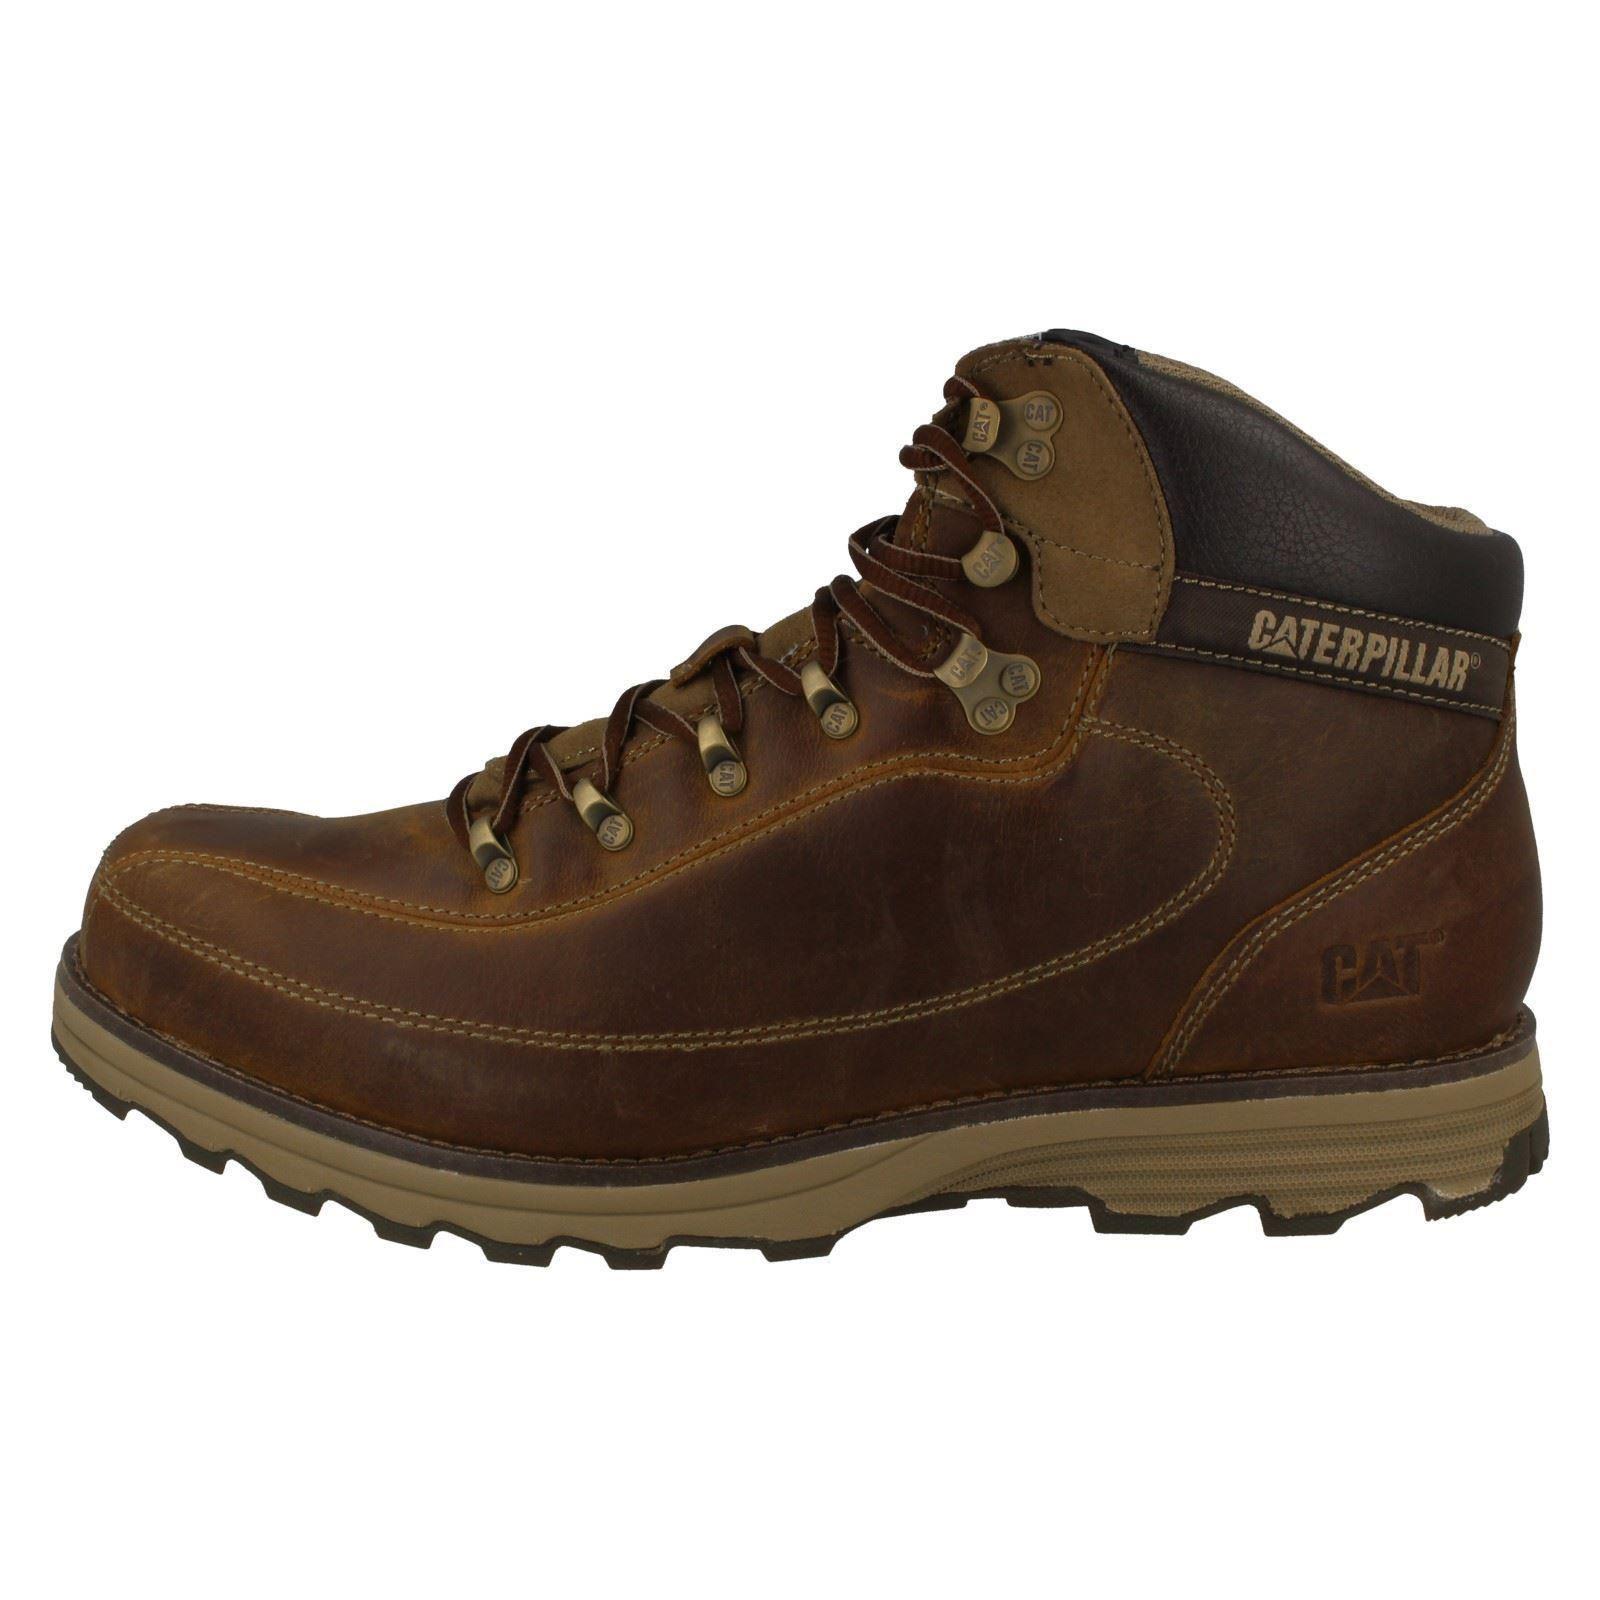 Billig gute Qualität Mens Caterpillar Boots Highbury